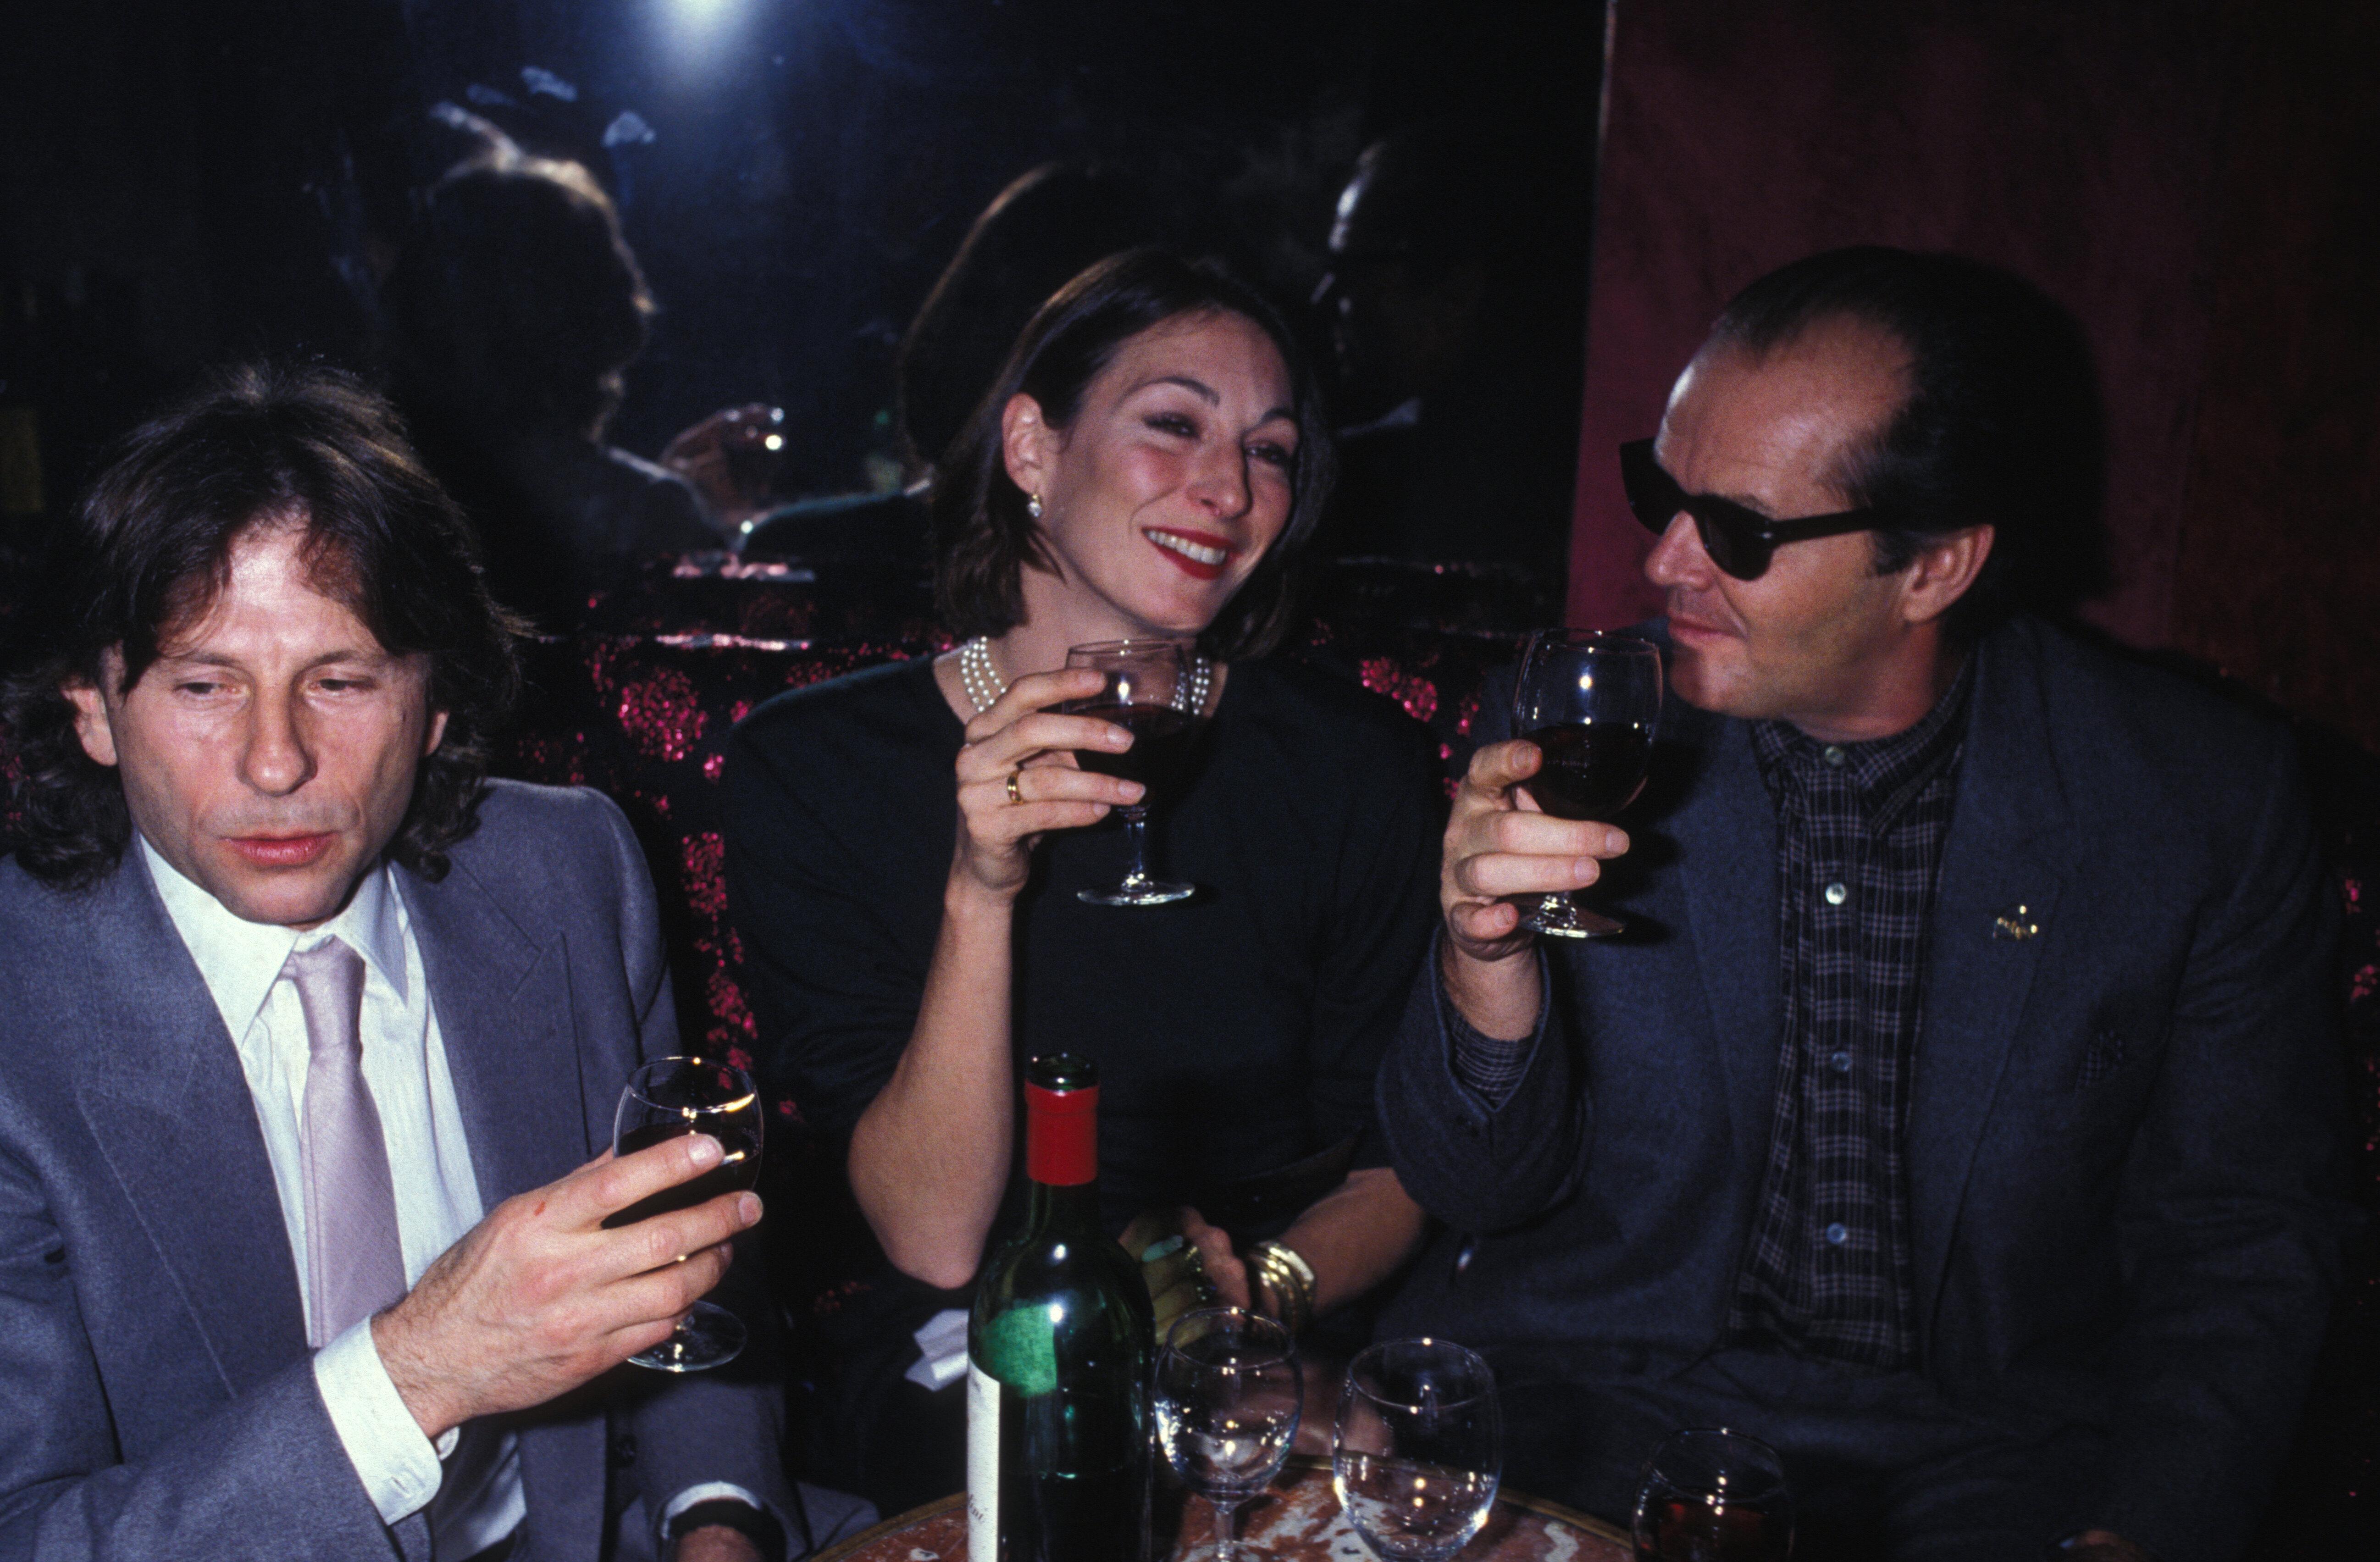 Roman Polanski, Jack Nicholson et sa compagne Anjelica Huston lors d'une soirée à Paris en février 1984, France. (Photo by GARCIA/Gamma-Rapho via Getty Images)